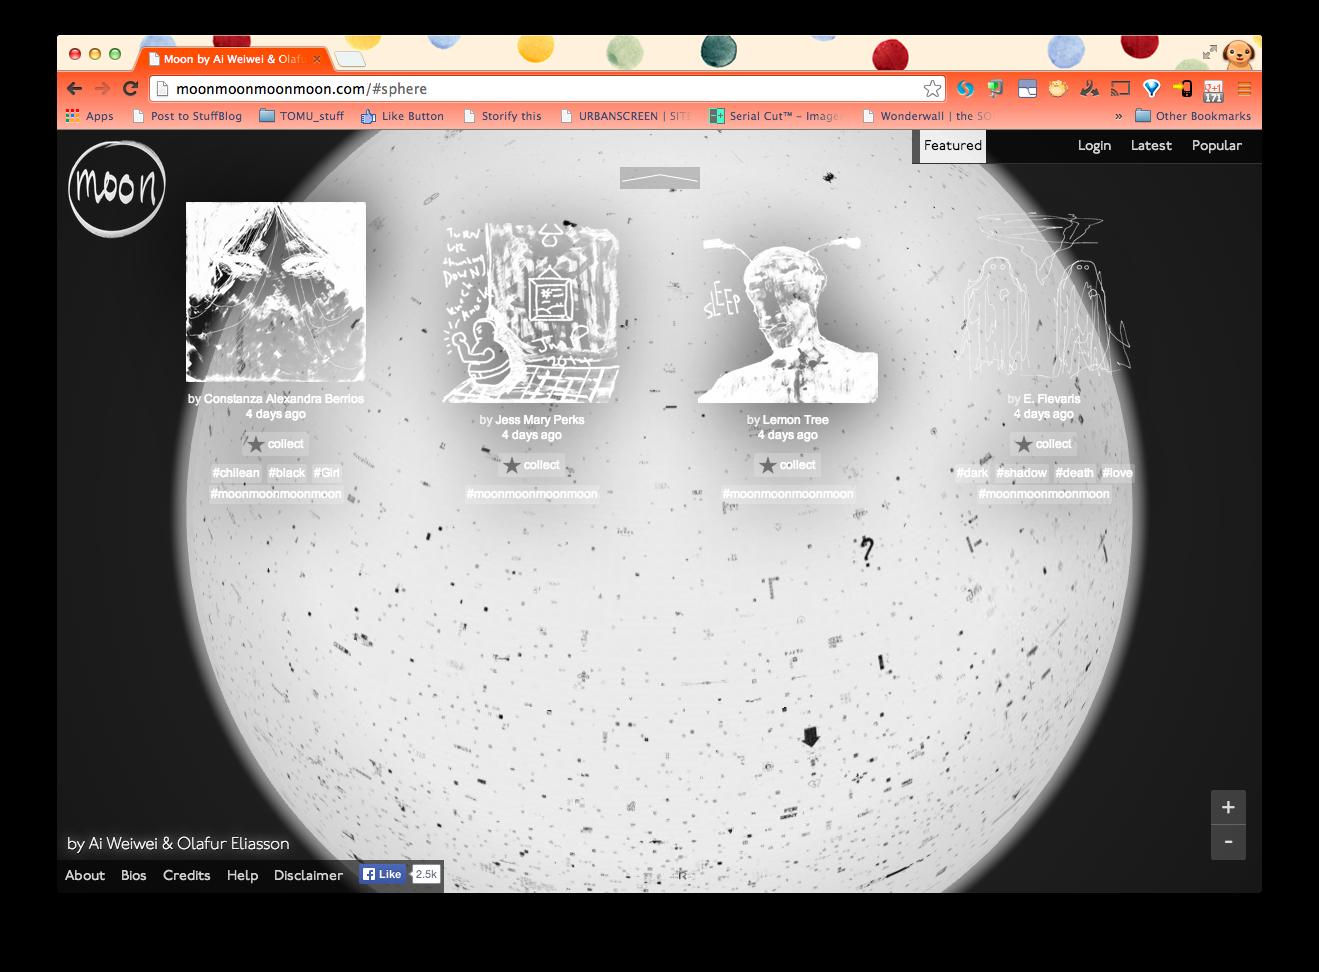 Screen Shot 2014-02-24 at 4.03.05 PM.png